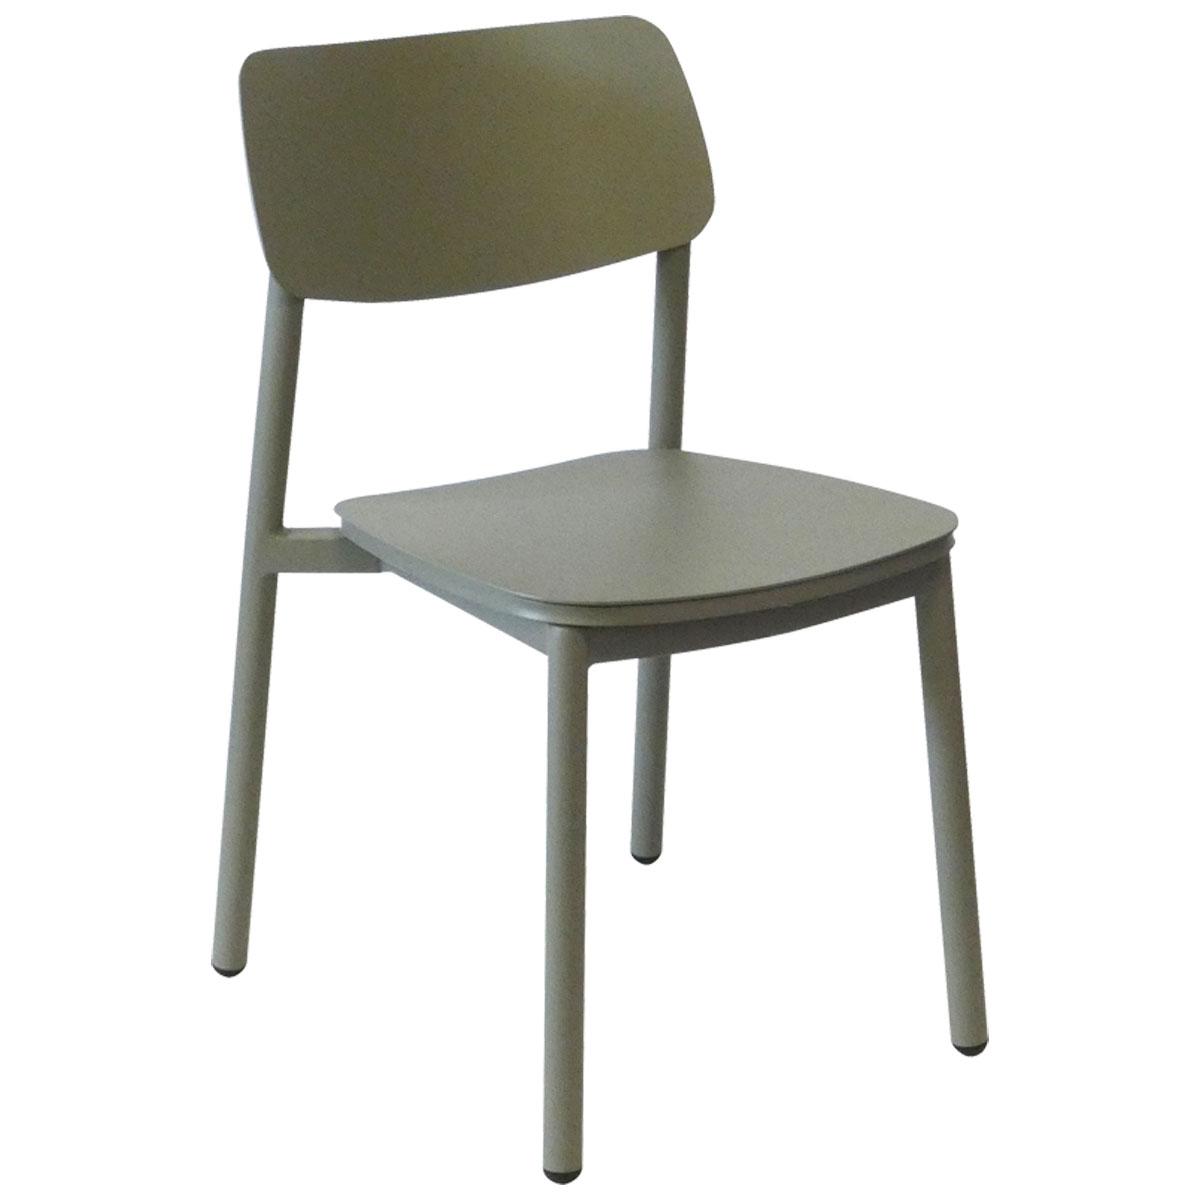 rimini c olive 01 - https://www.werzalit.com/fr/produit/rimini-stuhl-2/